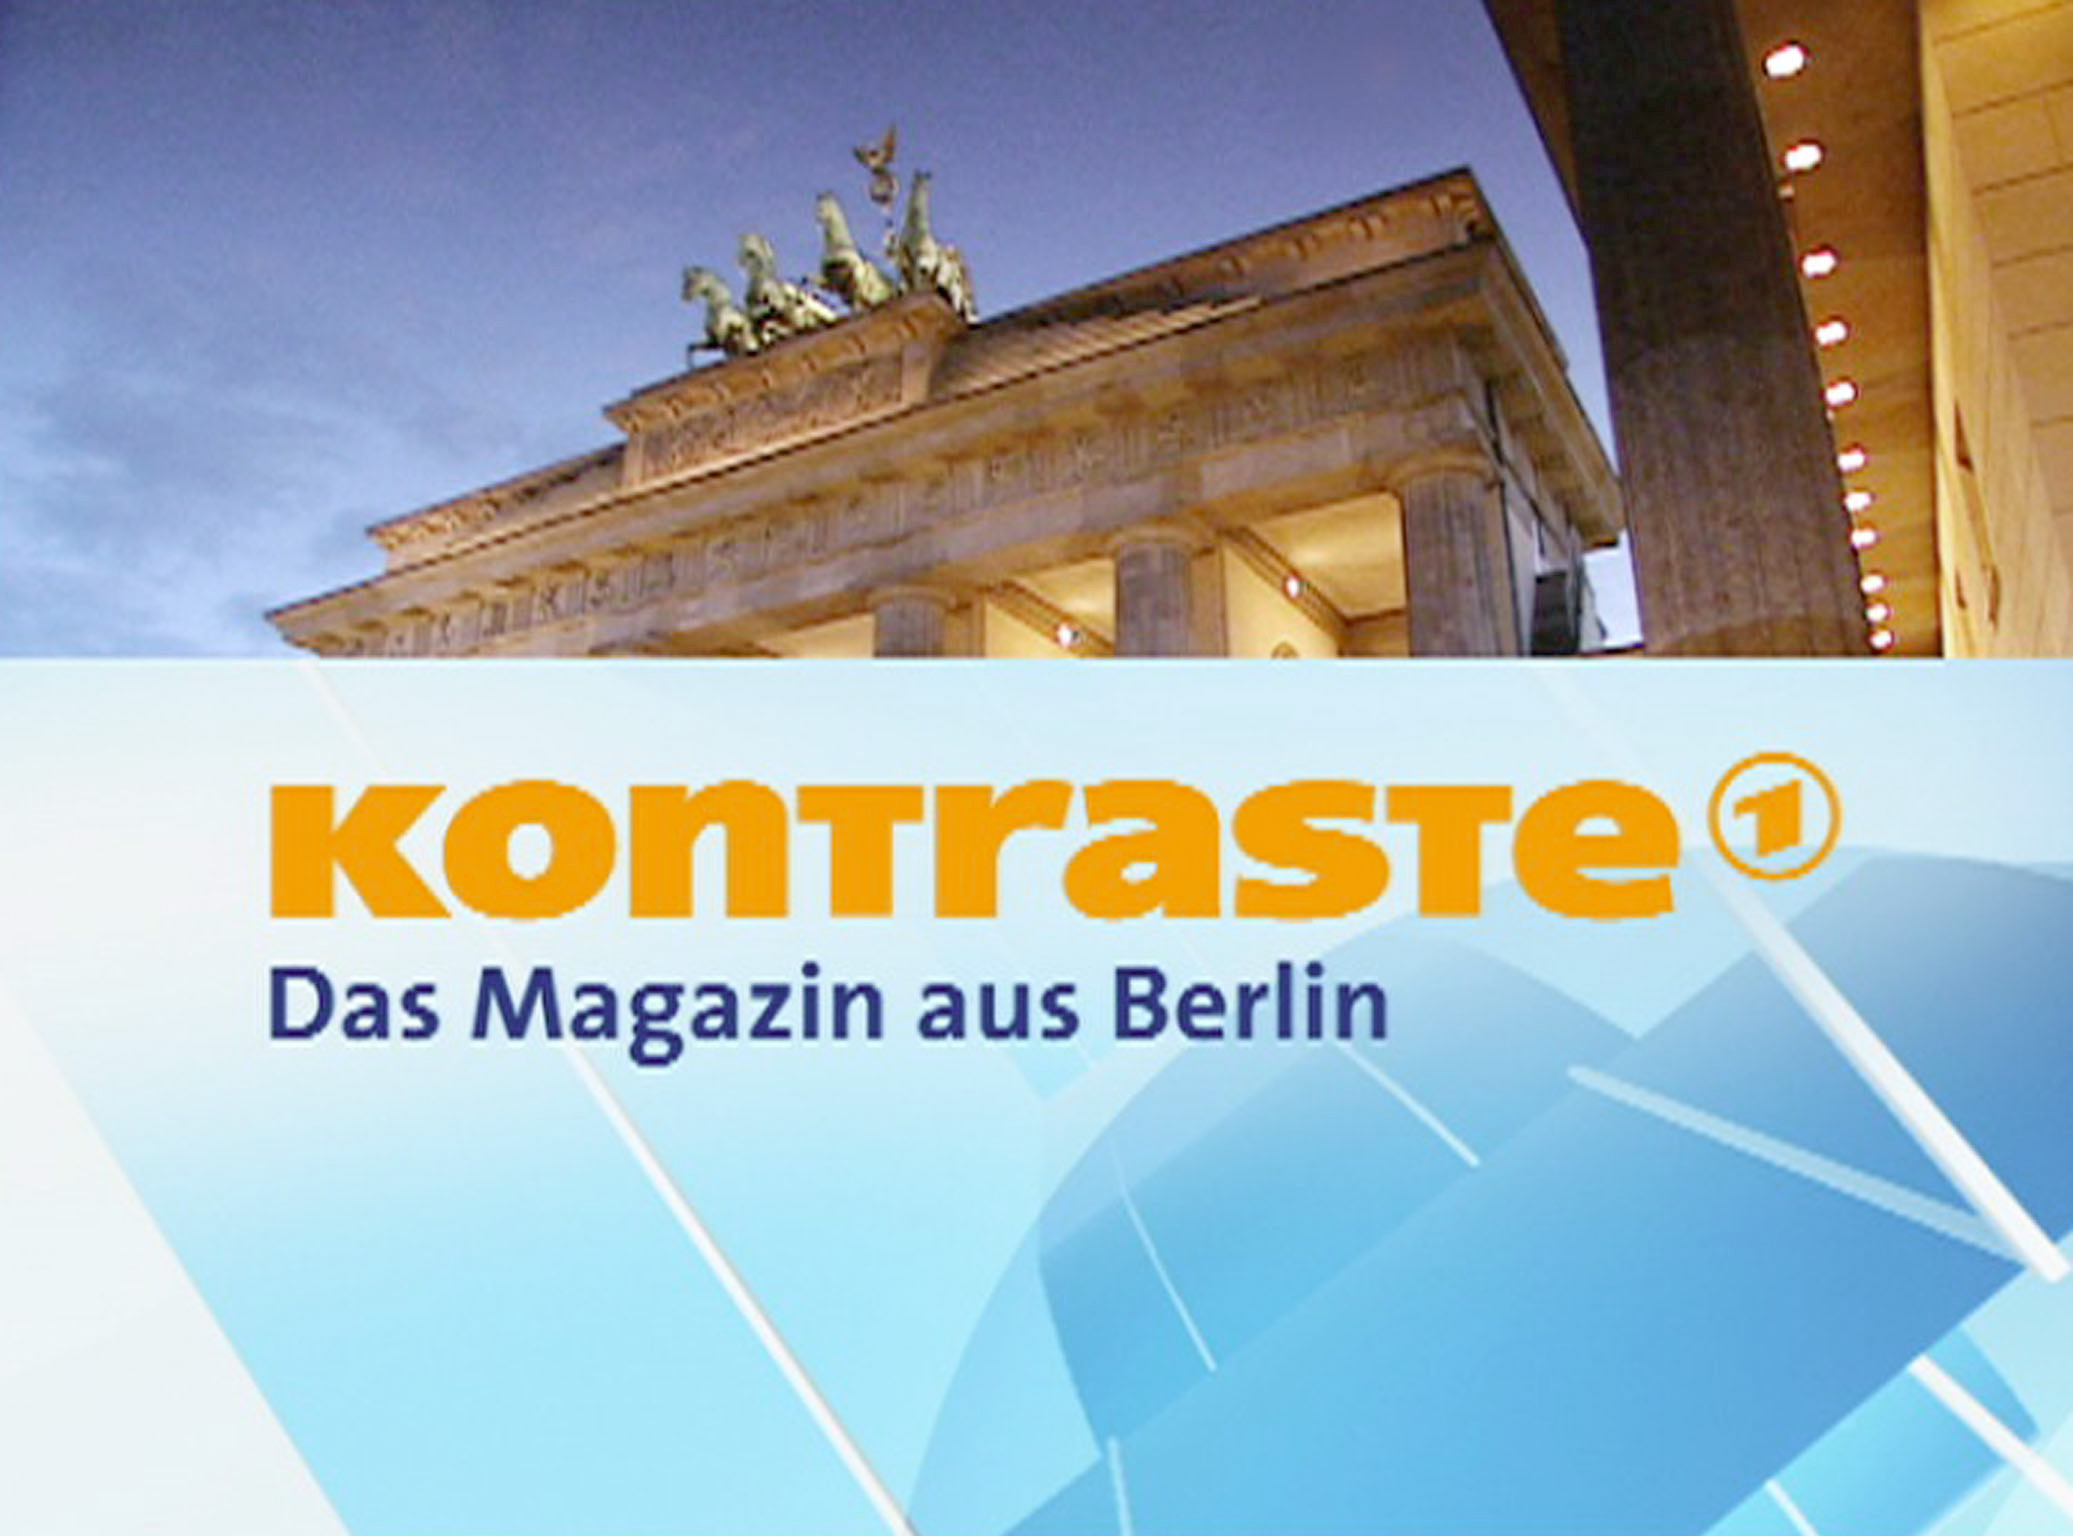 Recht News & Recht Infos @ RechtsPortal-14/7.de | ARD Politikmagazin Kontraste